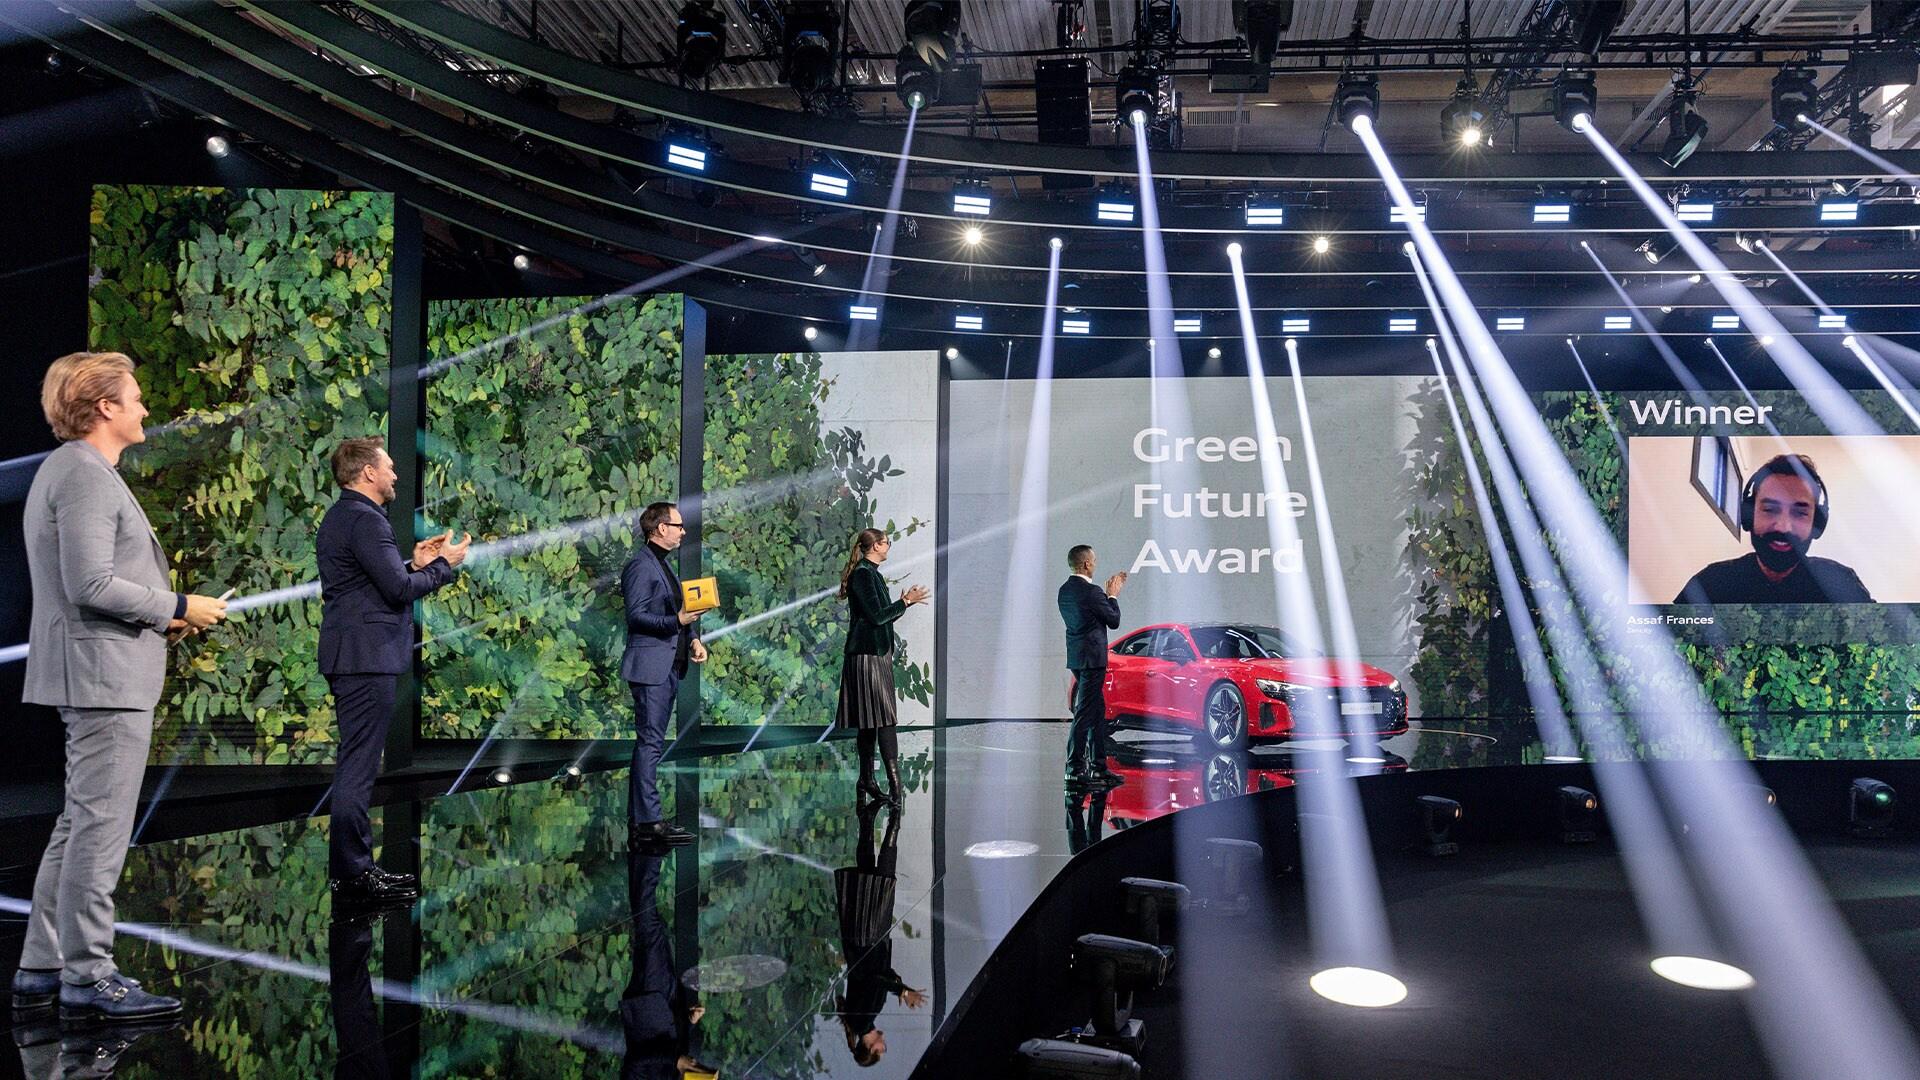 Nico Rosberg, soustanovitelj festivala Greentech Festival, gostitelj Steven Gätjen, Marco Voigt in Judith Kühn iz festivala Greentech skupaj s Henrikom Wendersom, starejšim podpredsednikom znamke Audi,  čestitajo zmagovalcu nagrad GREEN AWARDS na slovesnosti ob svetovni premieri Audija RS e-tron GT in Audija e-tron GT quattro.